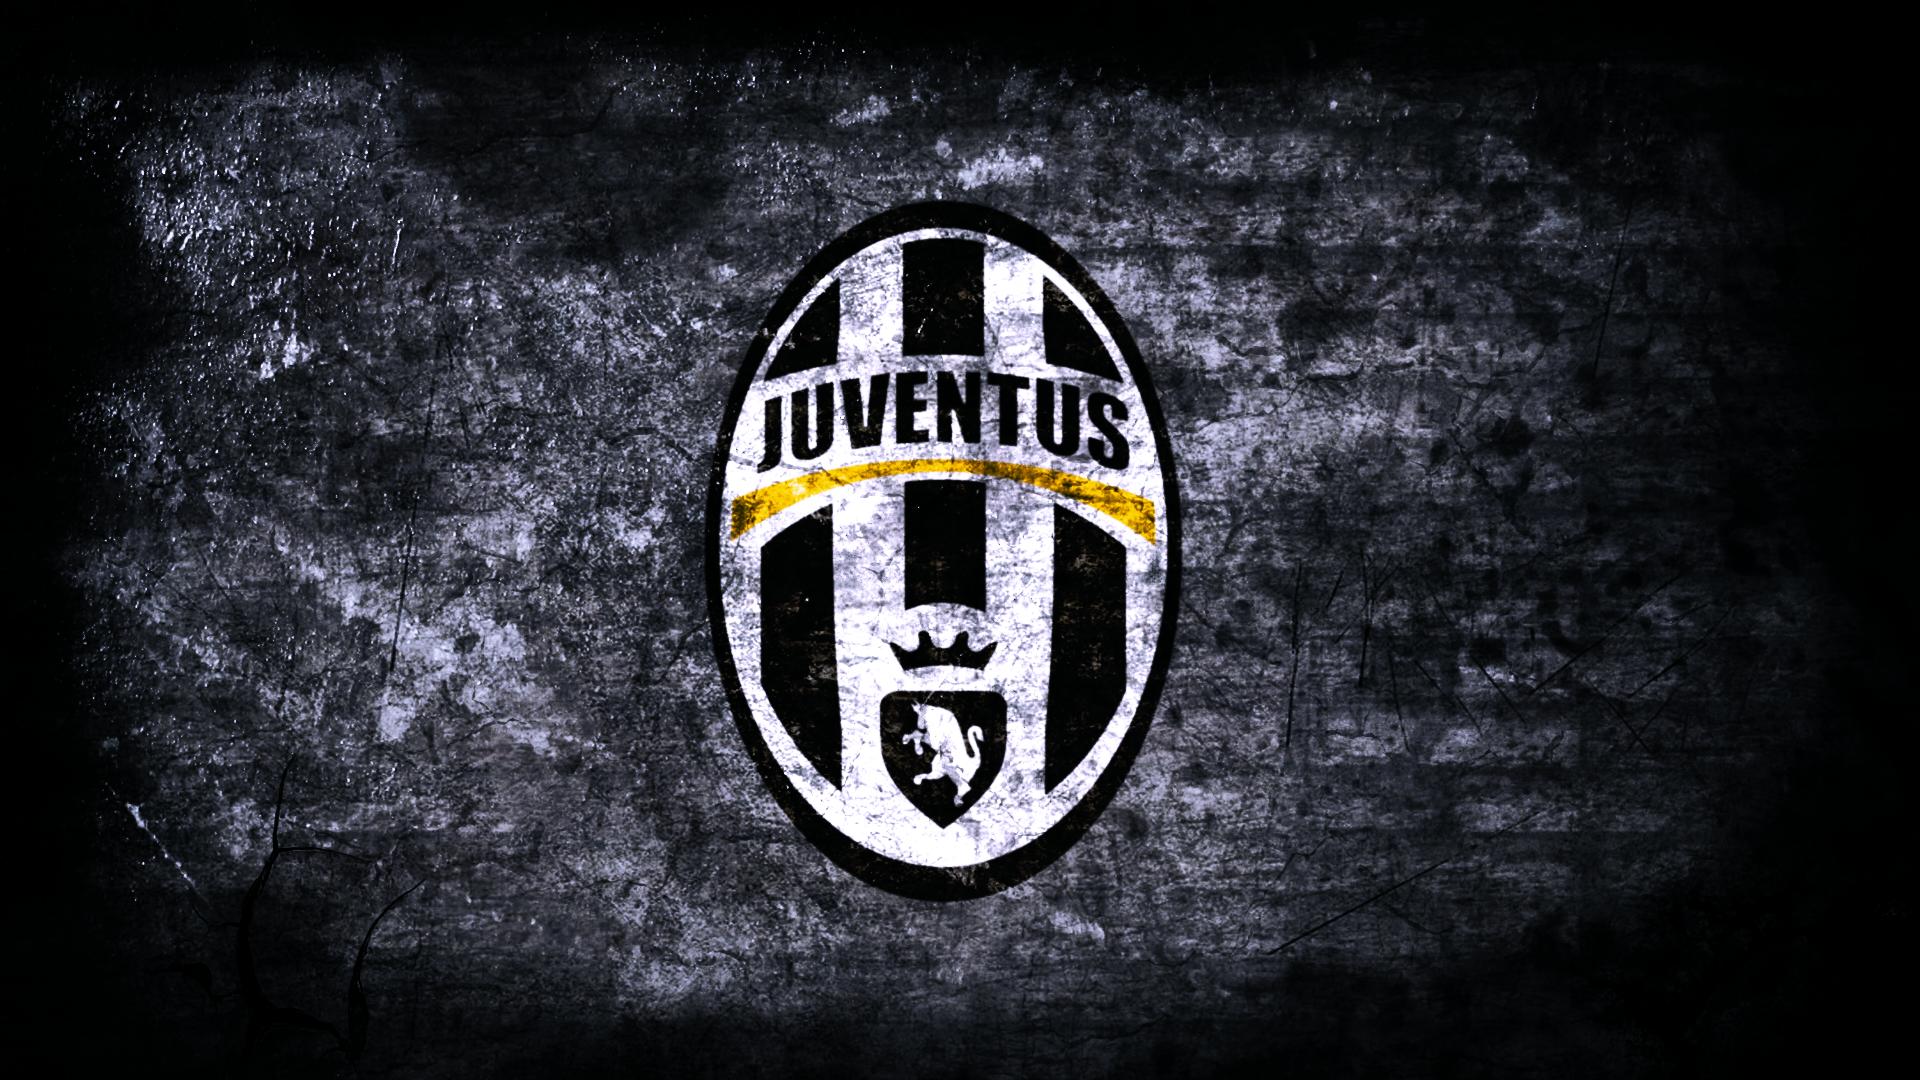 Juventus: High Resolution Juventus Logo Wallpaper